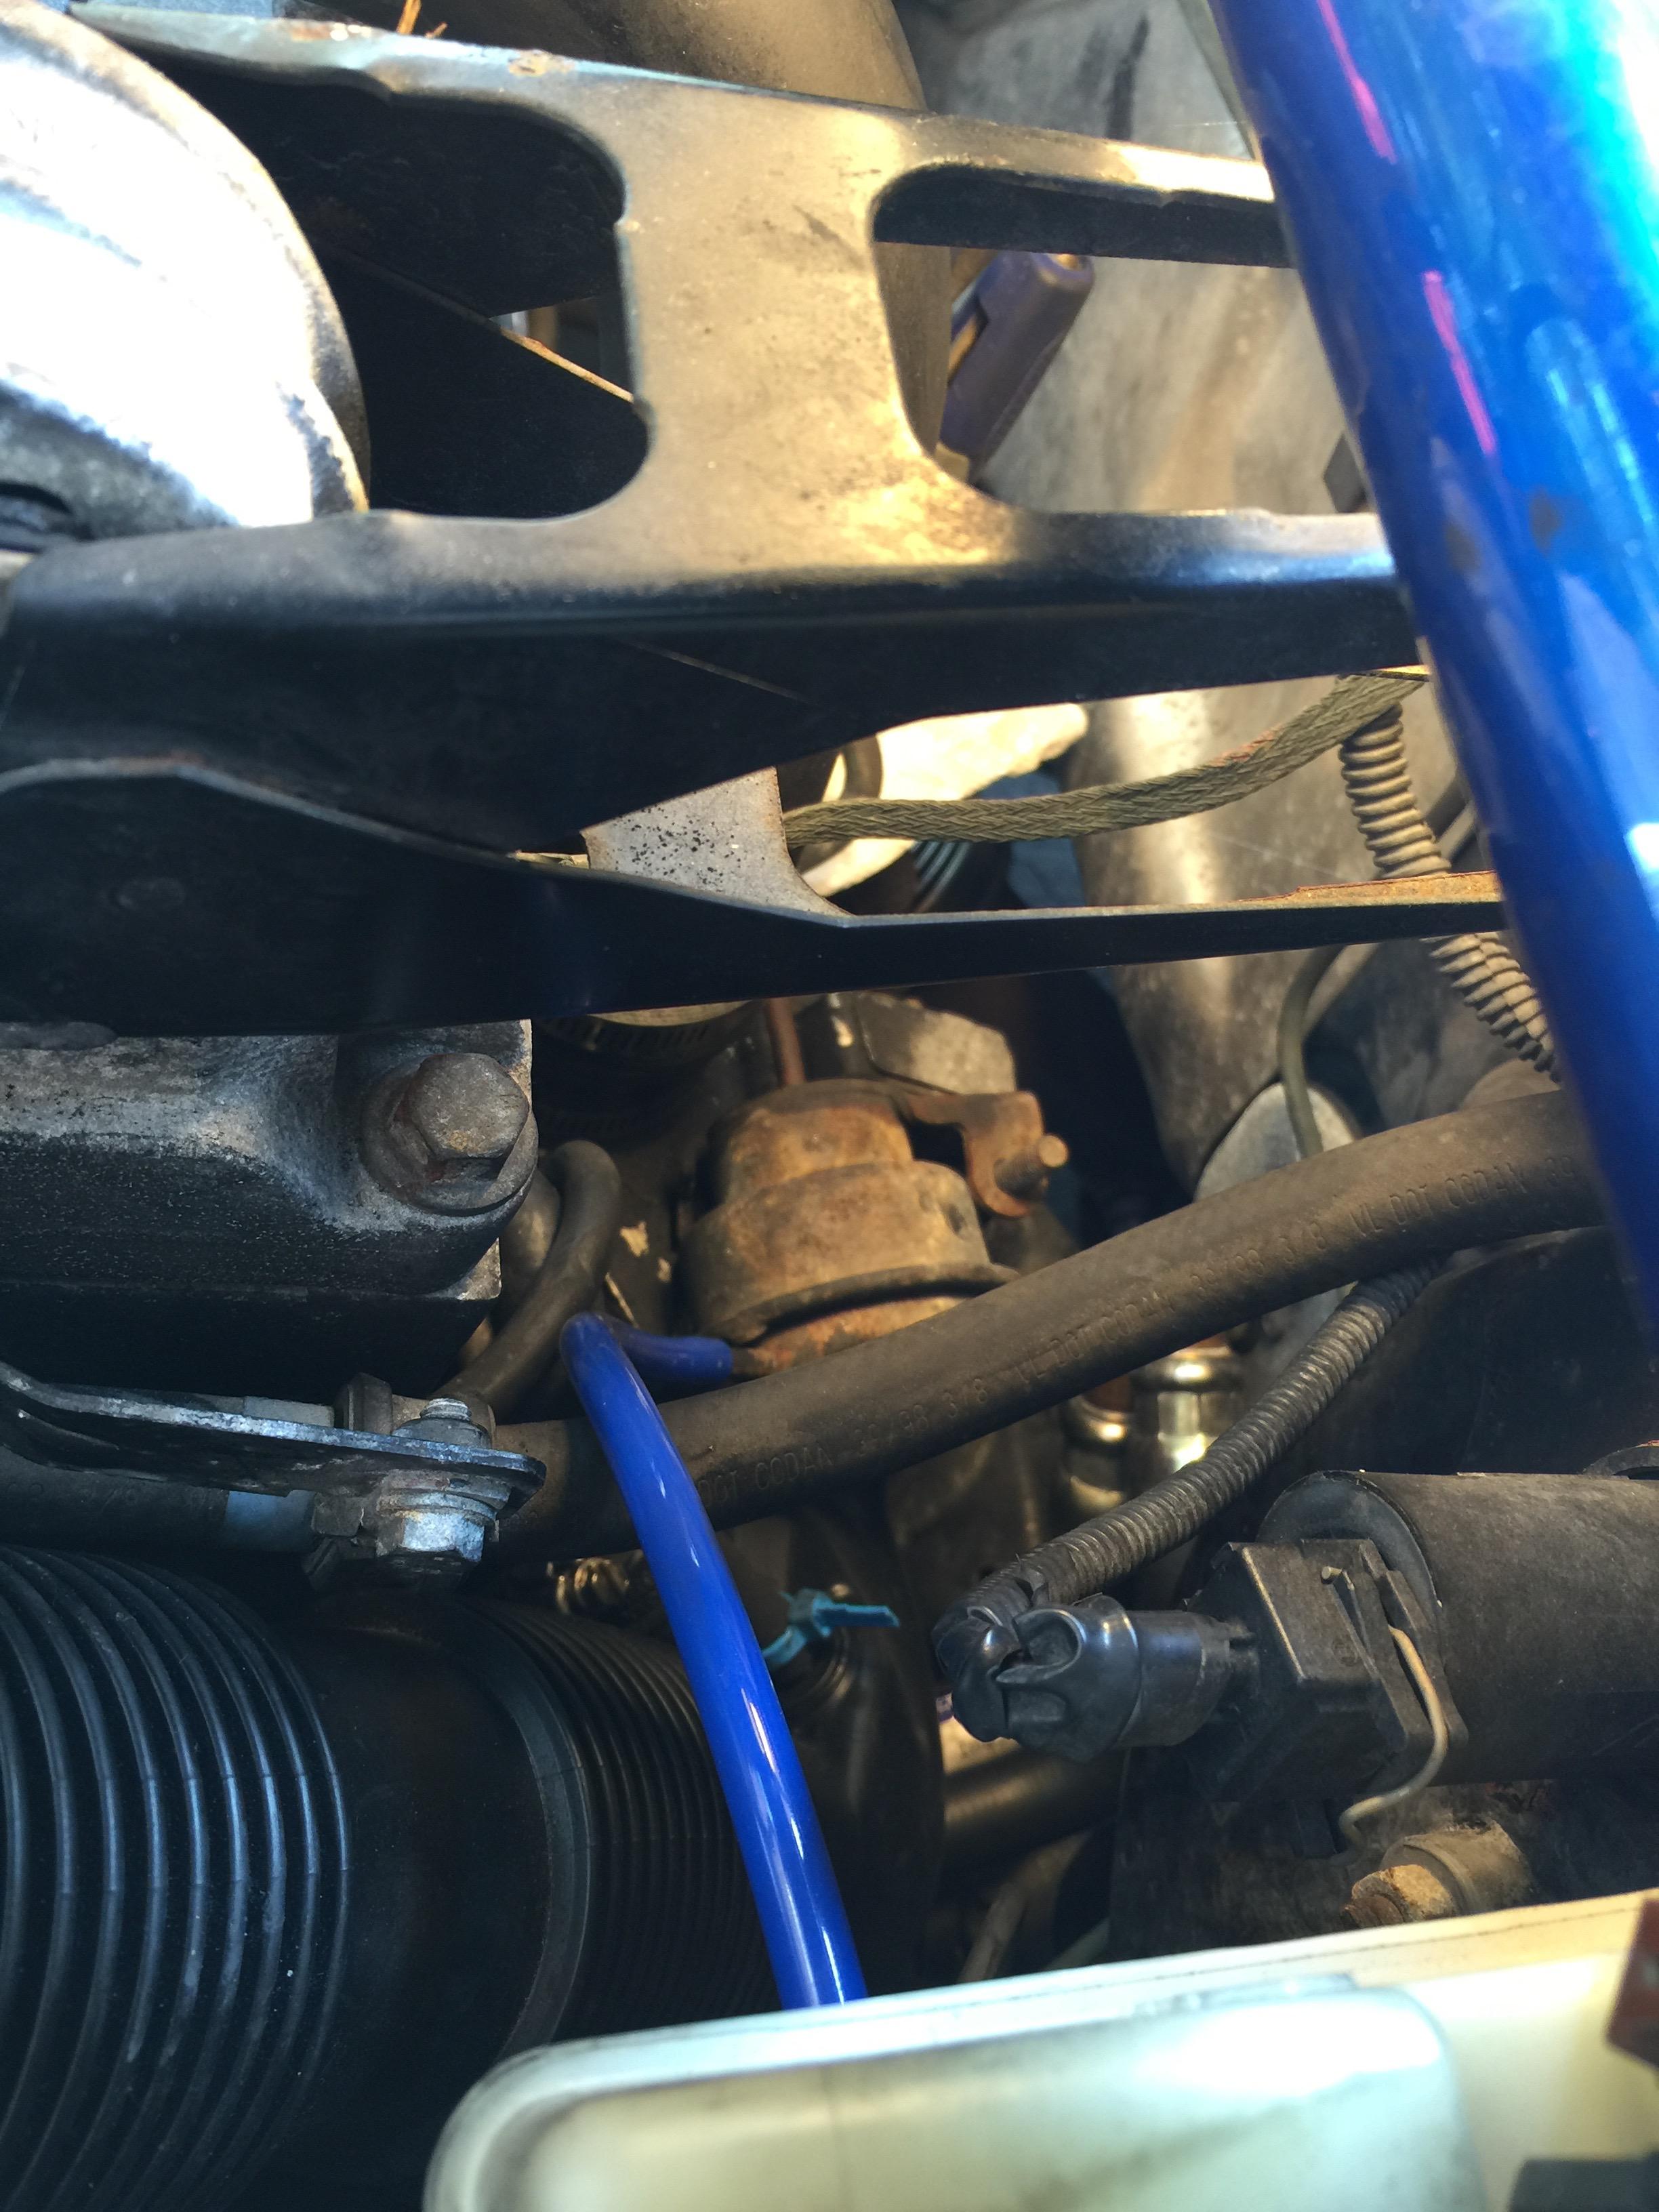 1999 V70 T5 Turbocharger wastegate adjustment - Volvo Forums